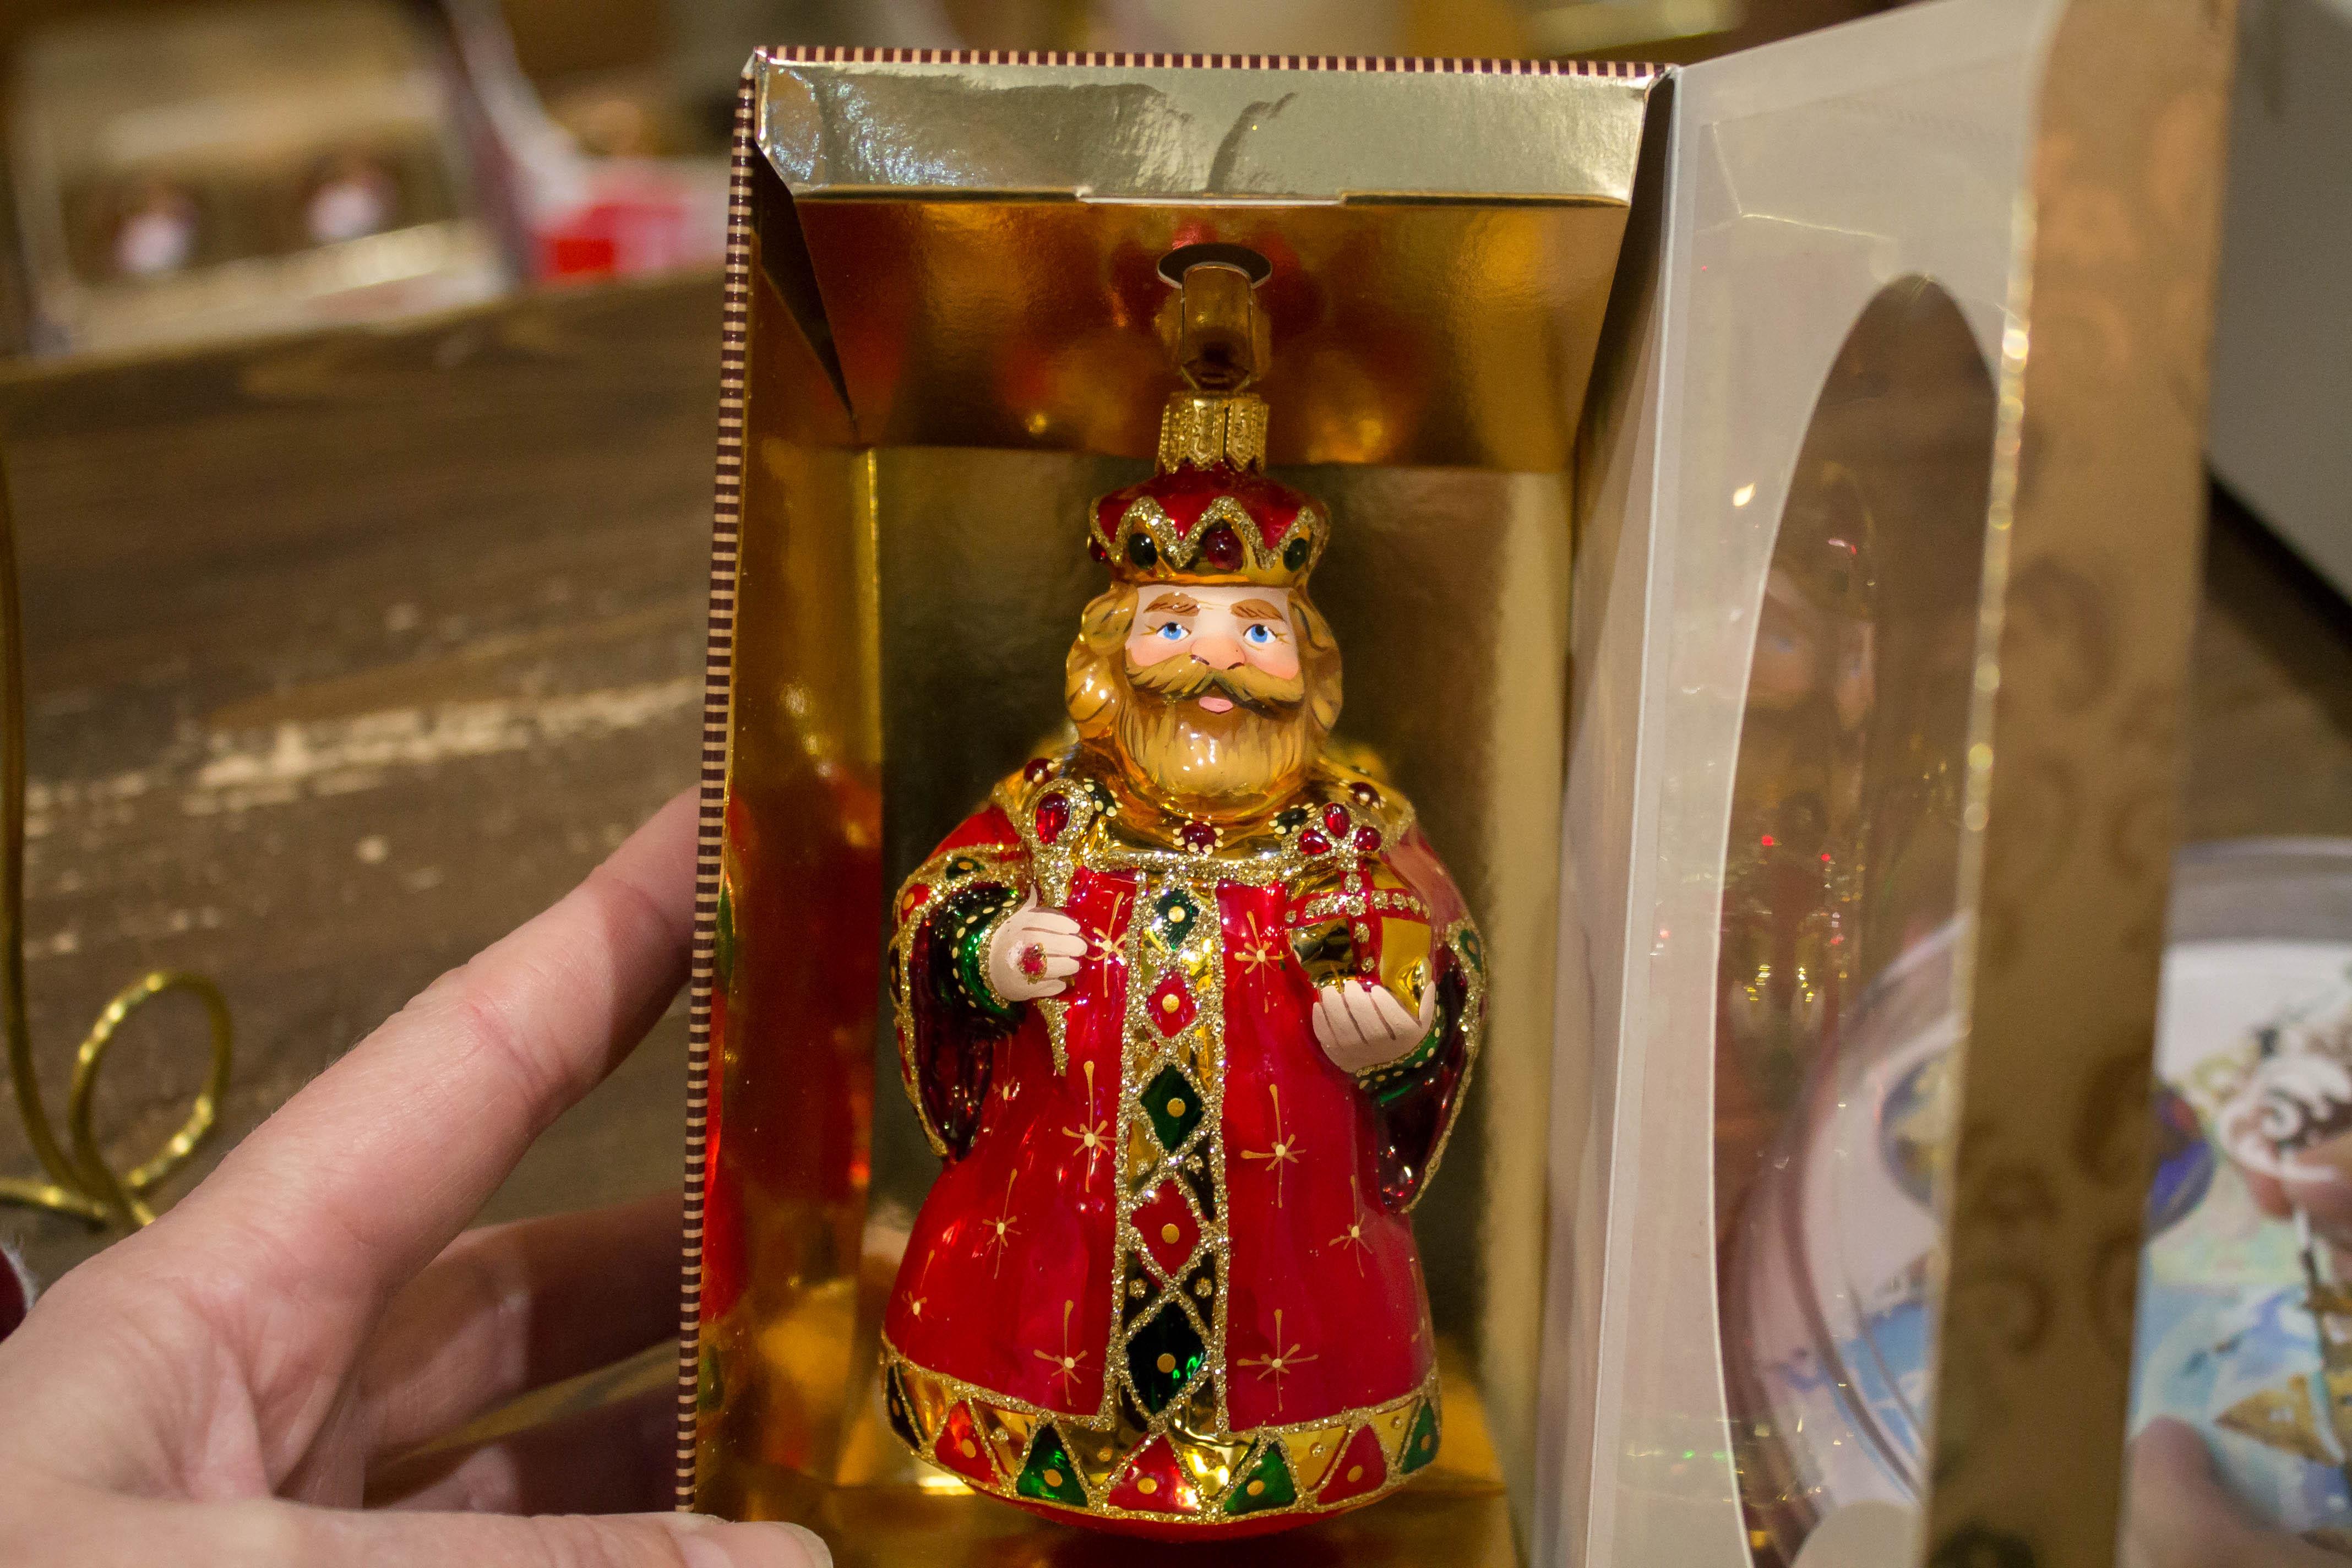 Экскурсия на нижегородскую фабрику ёлочных игрушек Ариель